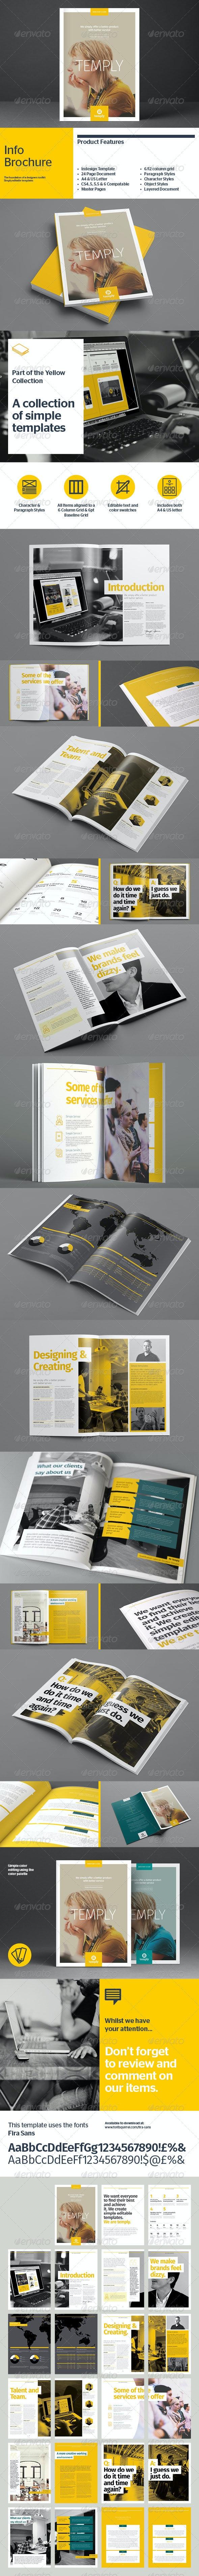 InfoBrochure - Portfolio Brochures